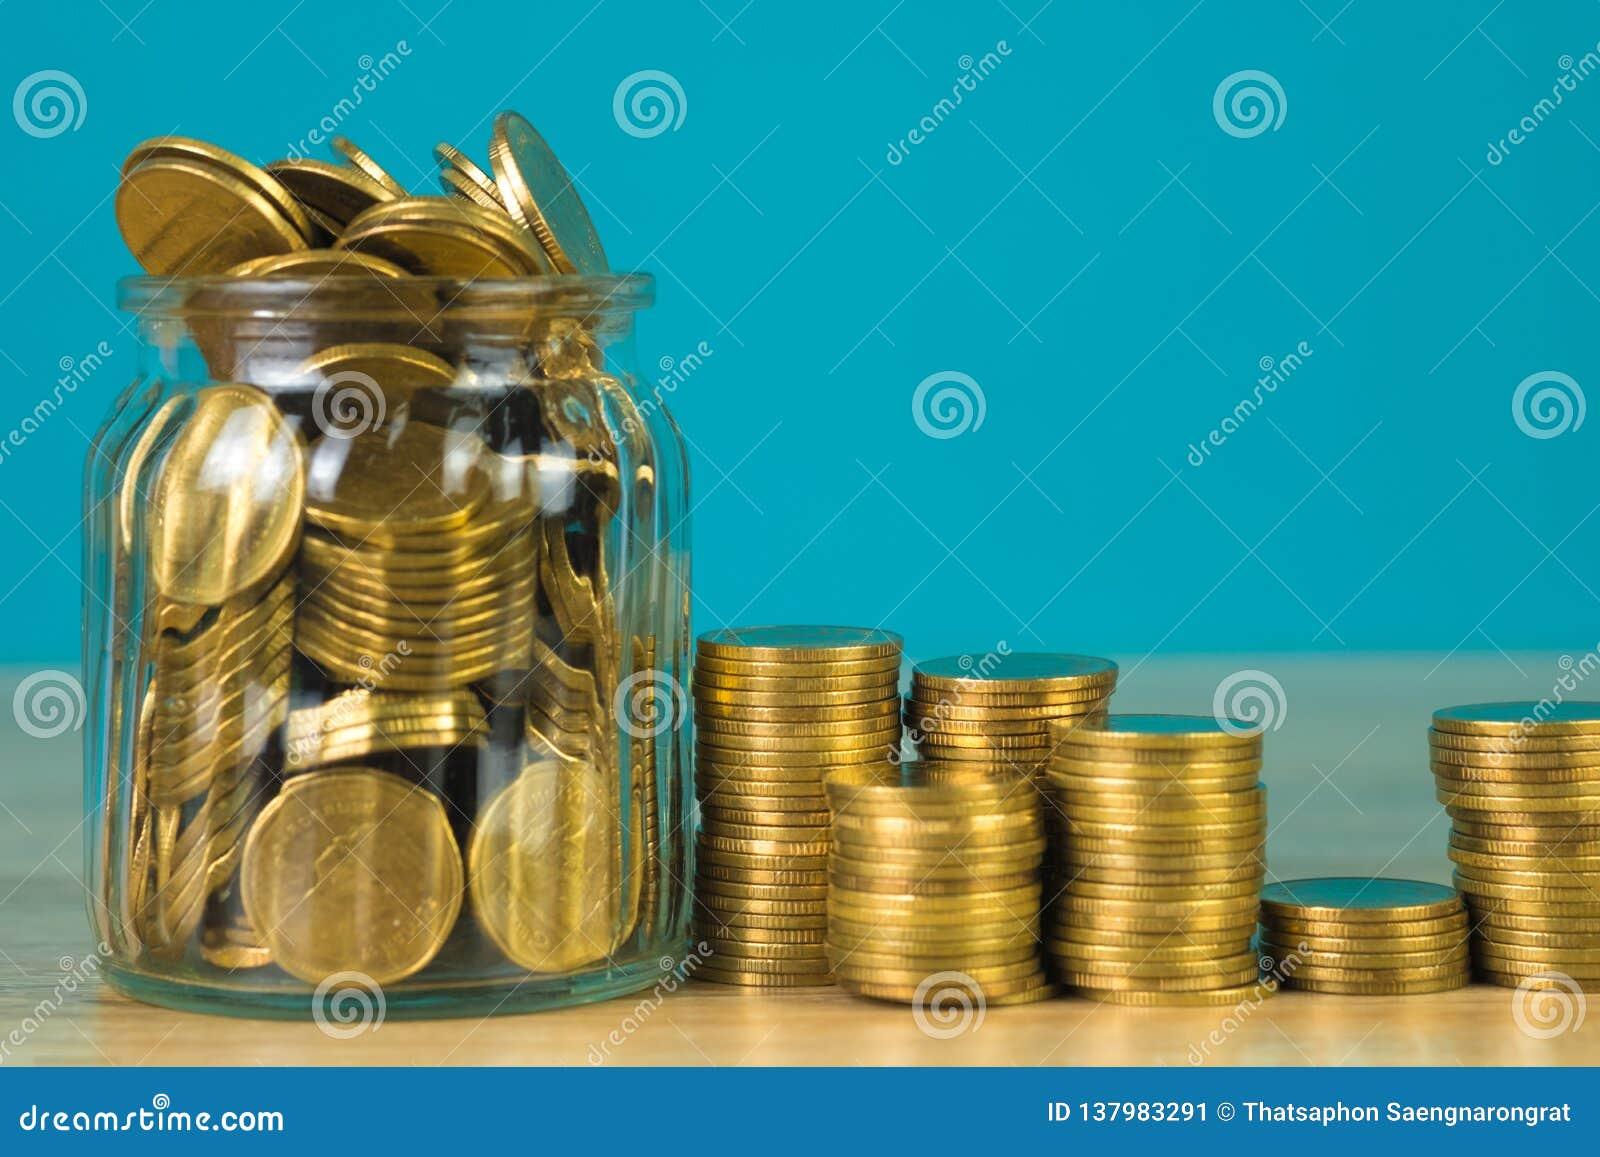 Złocistej monety pieniądze w szklanym słoju na stole z zielonym tłem, dato che